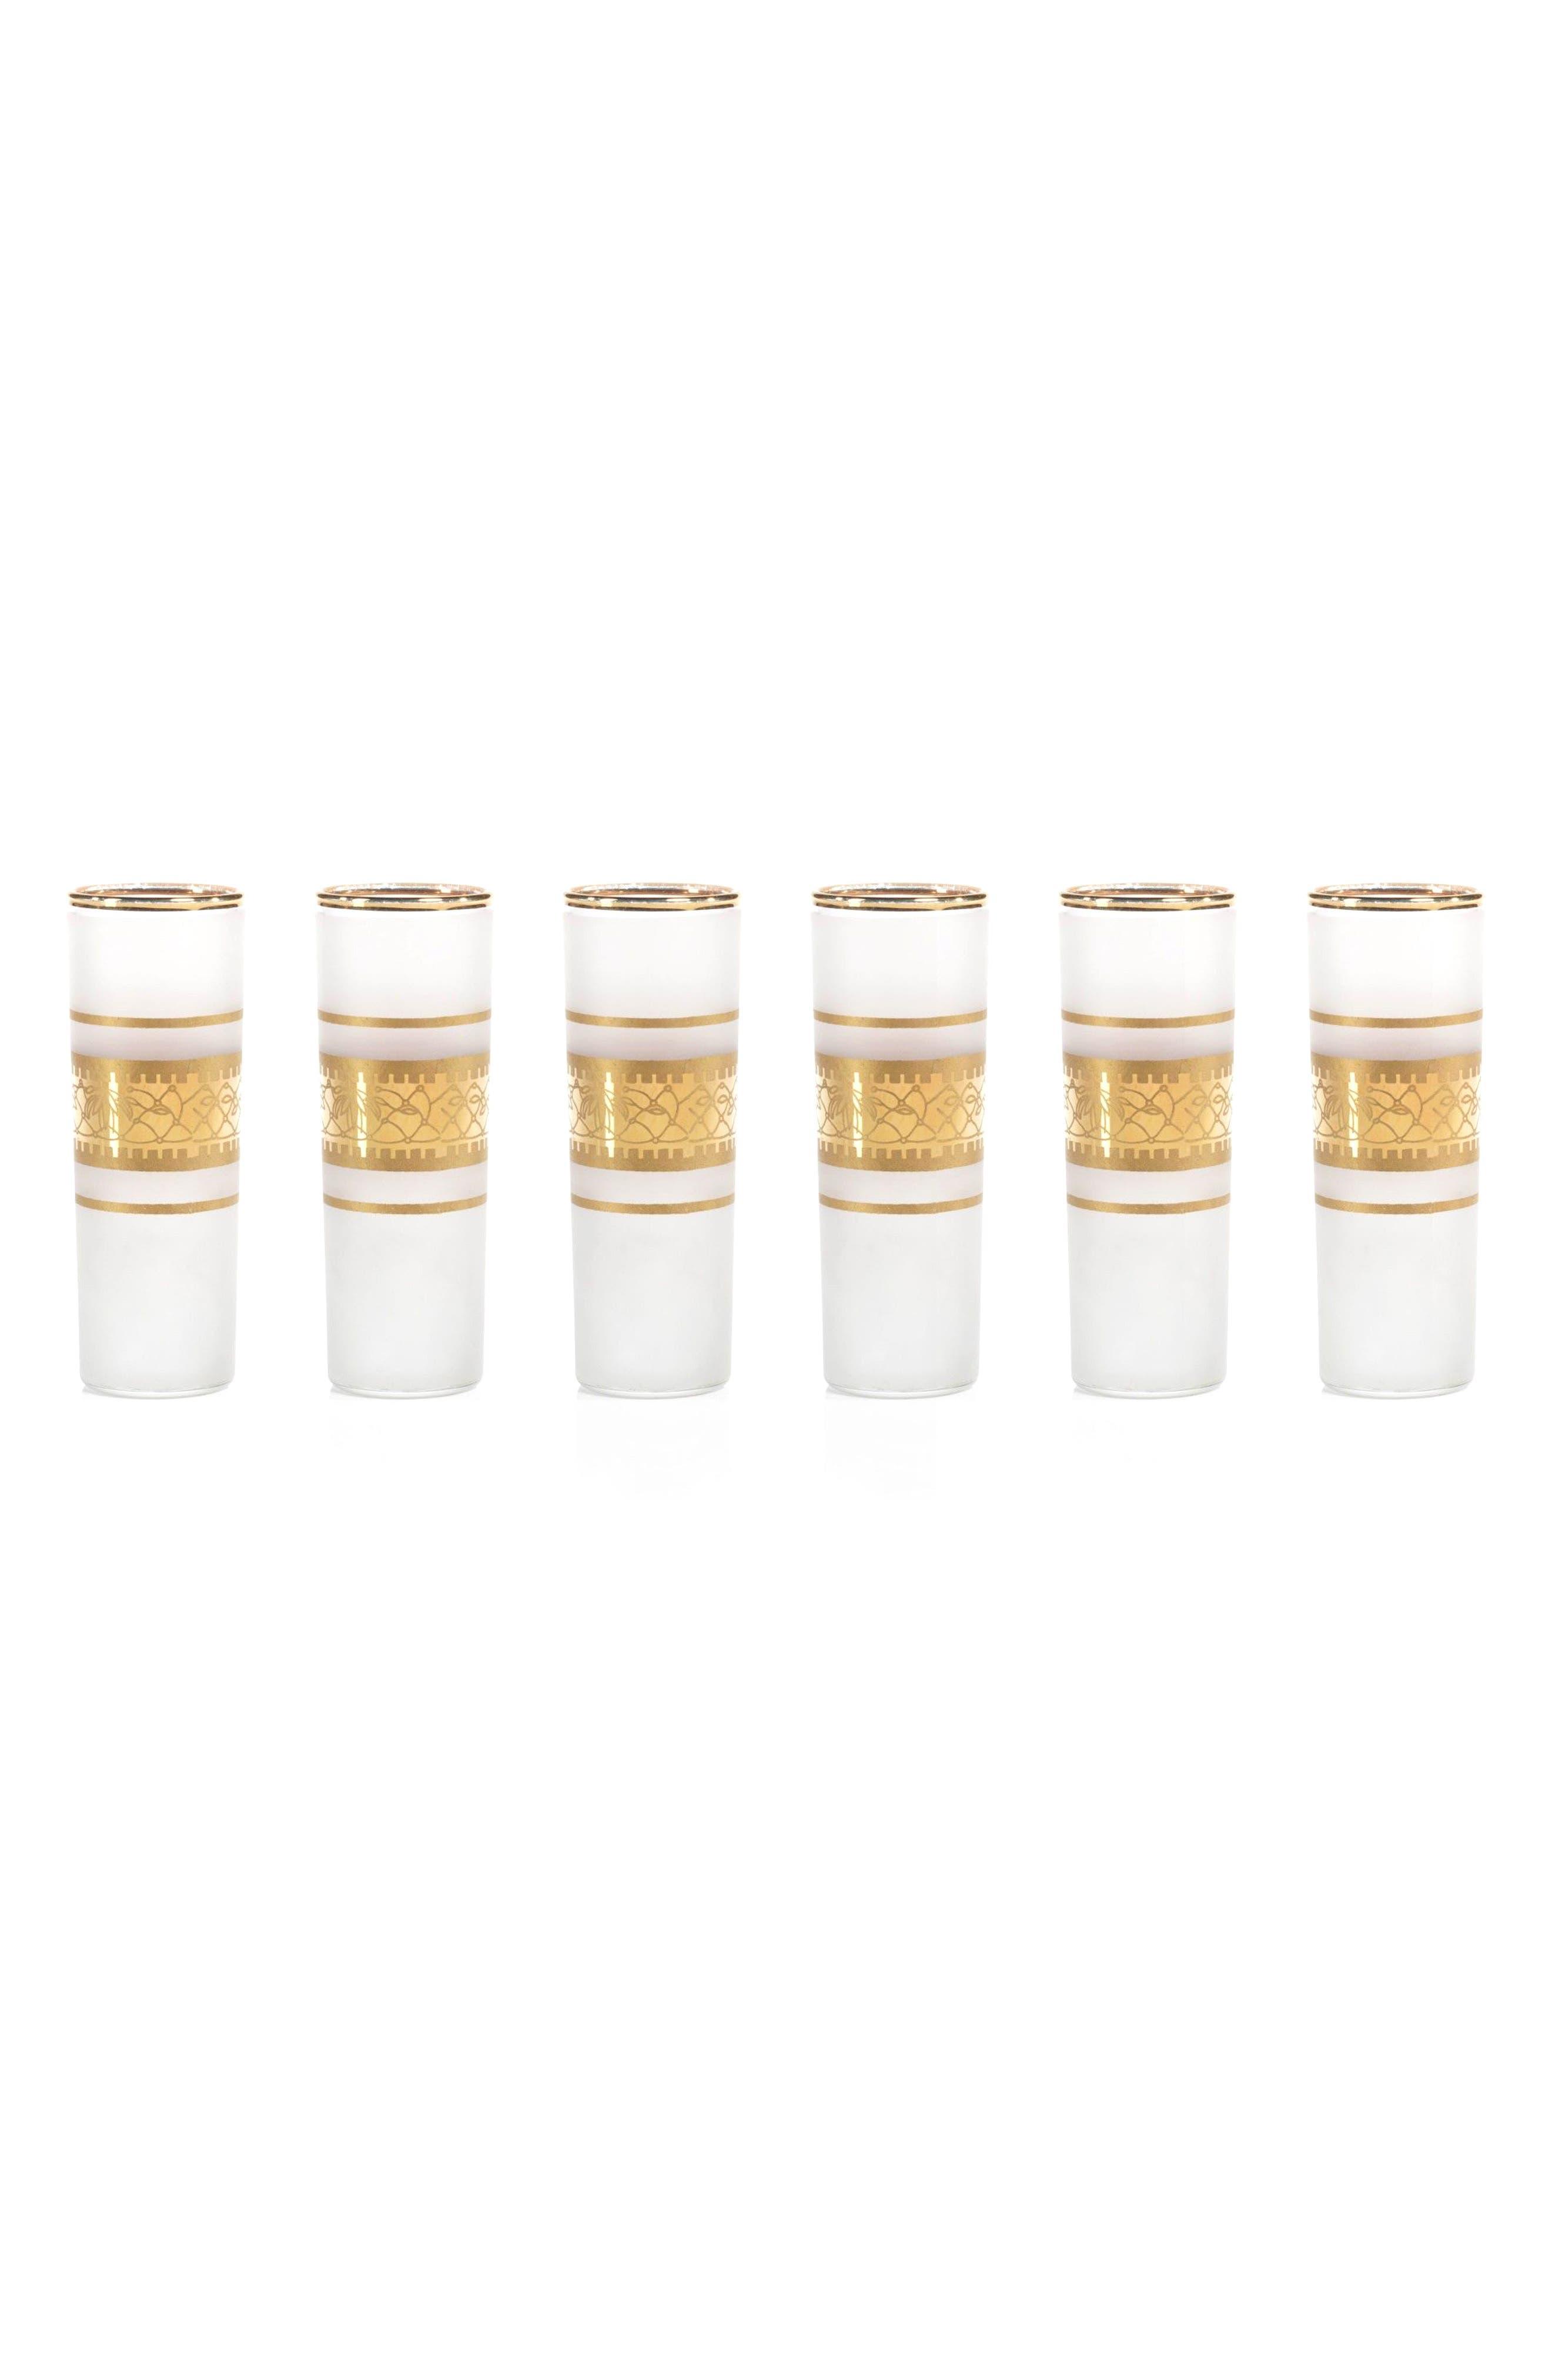 Melilla Set of 6 Shot Glasses,                         Main,                         color, White/ Gold